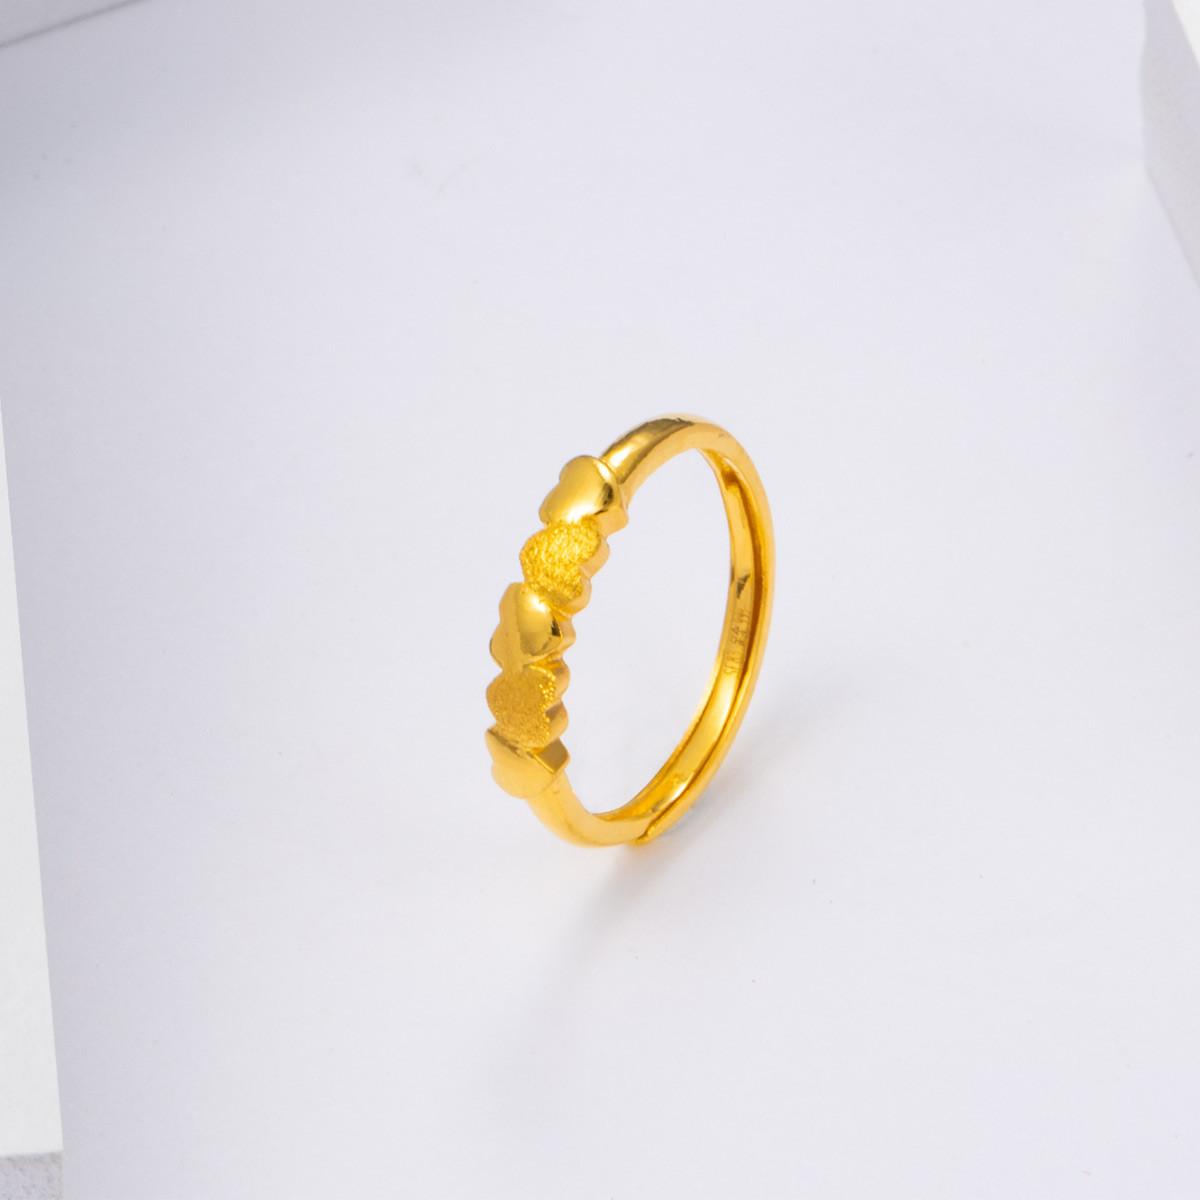 中国黄金足金戒指女士黄金戒指星空约定黄金戒指精品计价ZGHJJZ2353